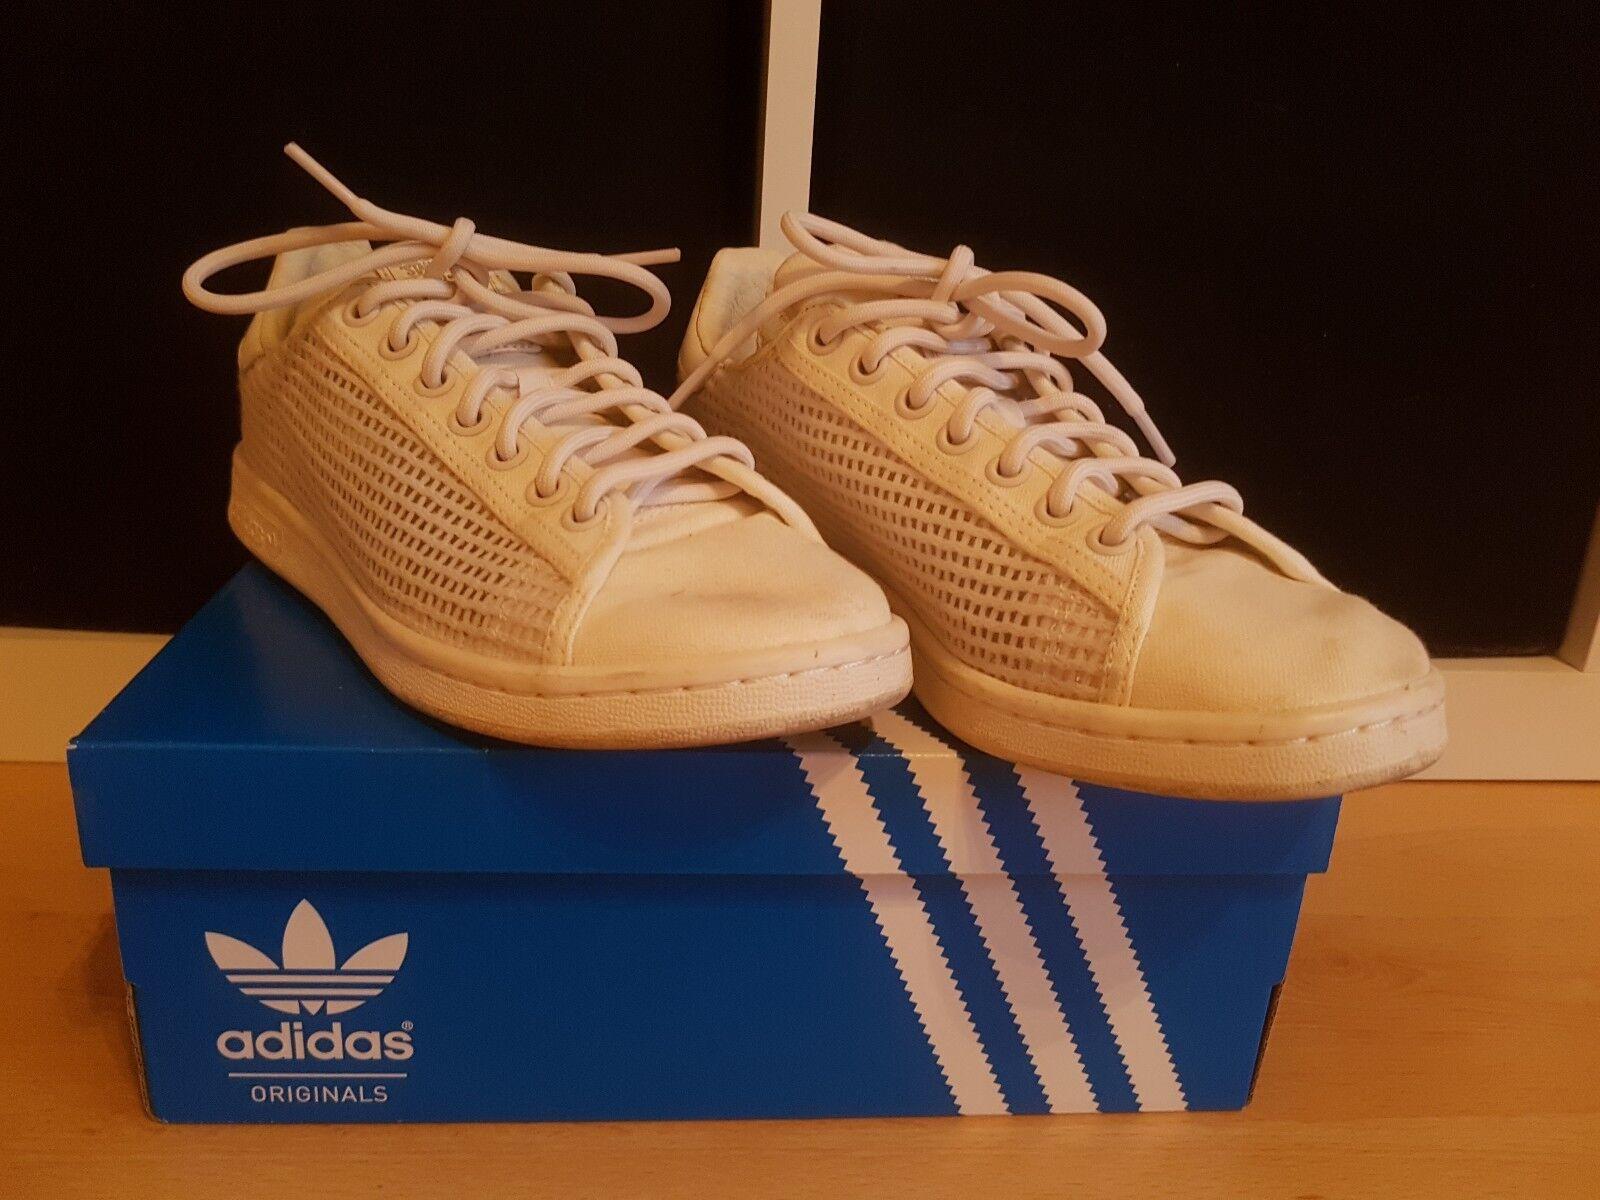 Adidas Stoff Stan Smith 39 2/3 Stoff Adidas weiß creme wie neu 7f02b4